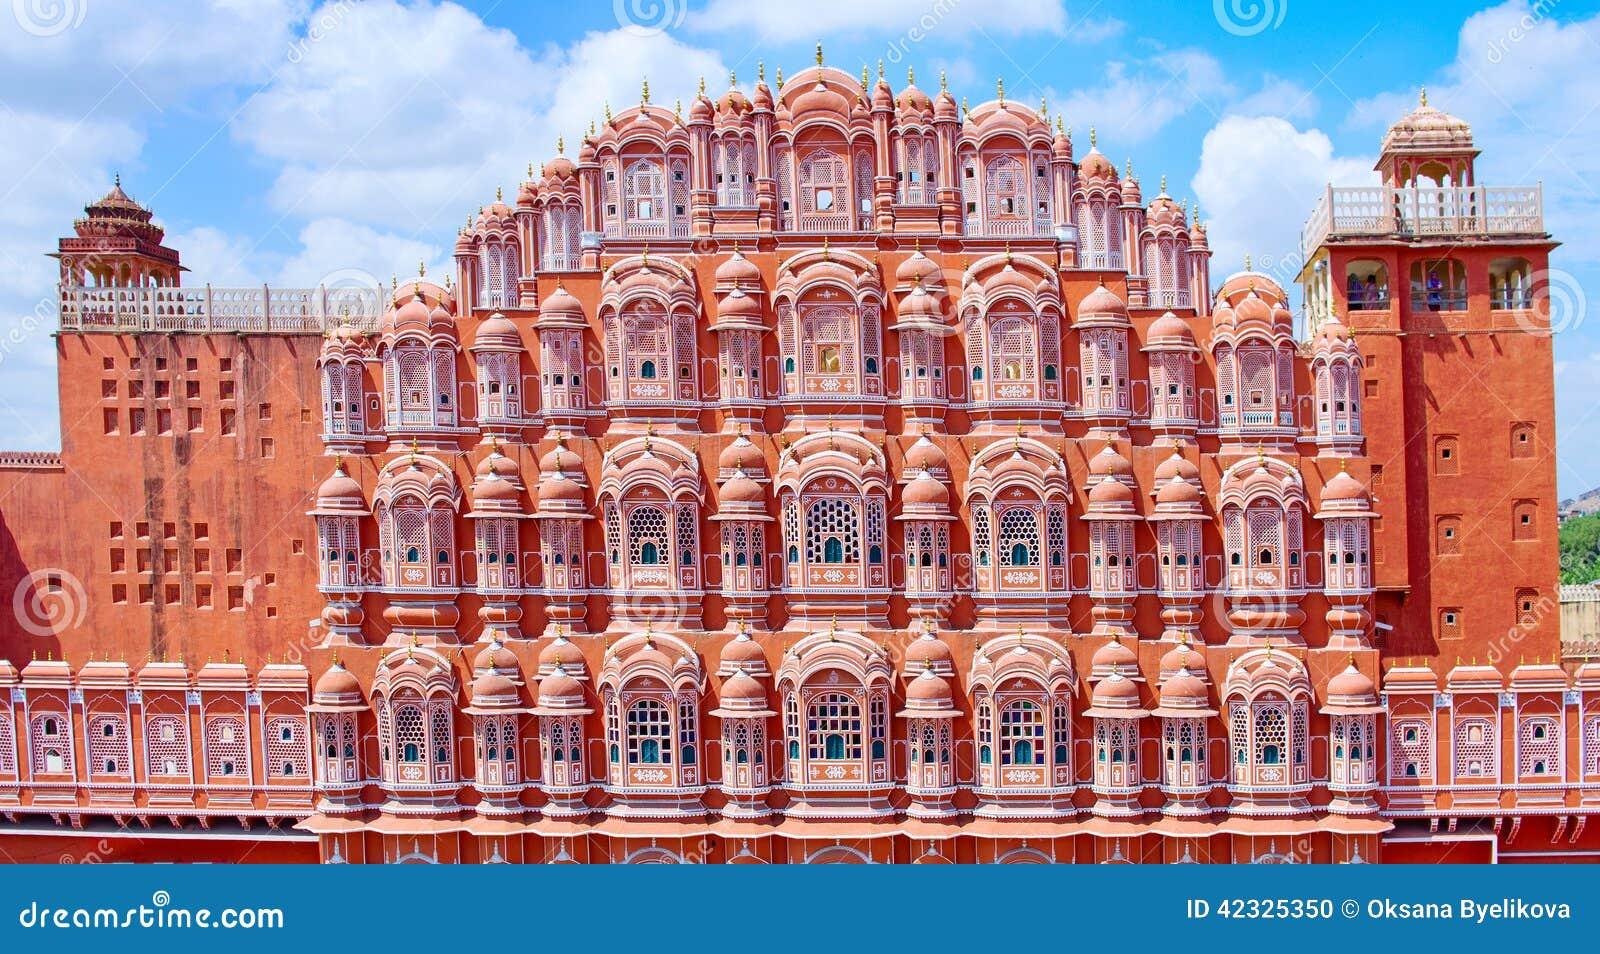 Hawa玛哈尔宫殿(风的宫殿)在斋浦尔,拉贾斯坦